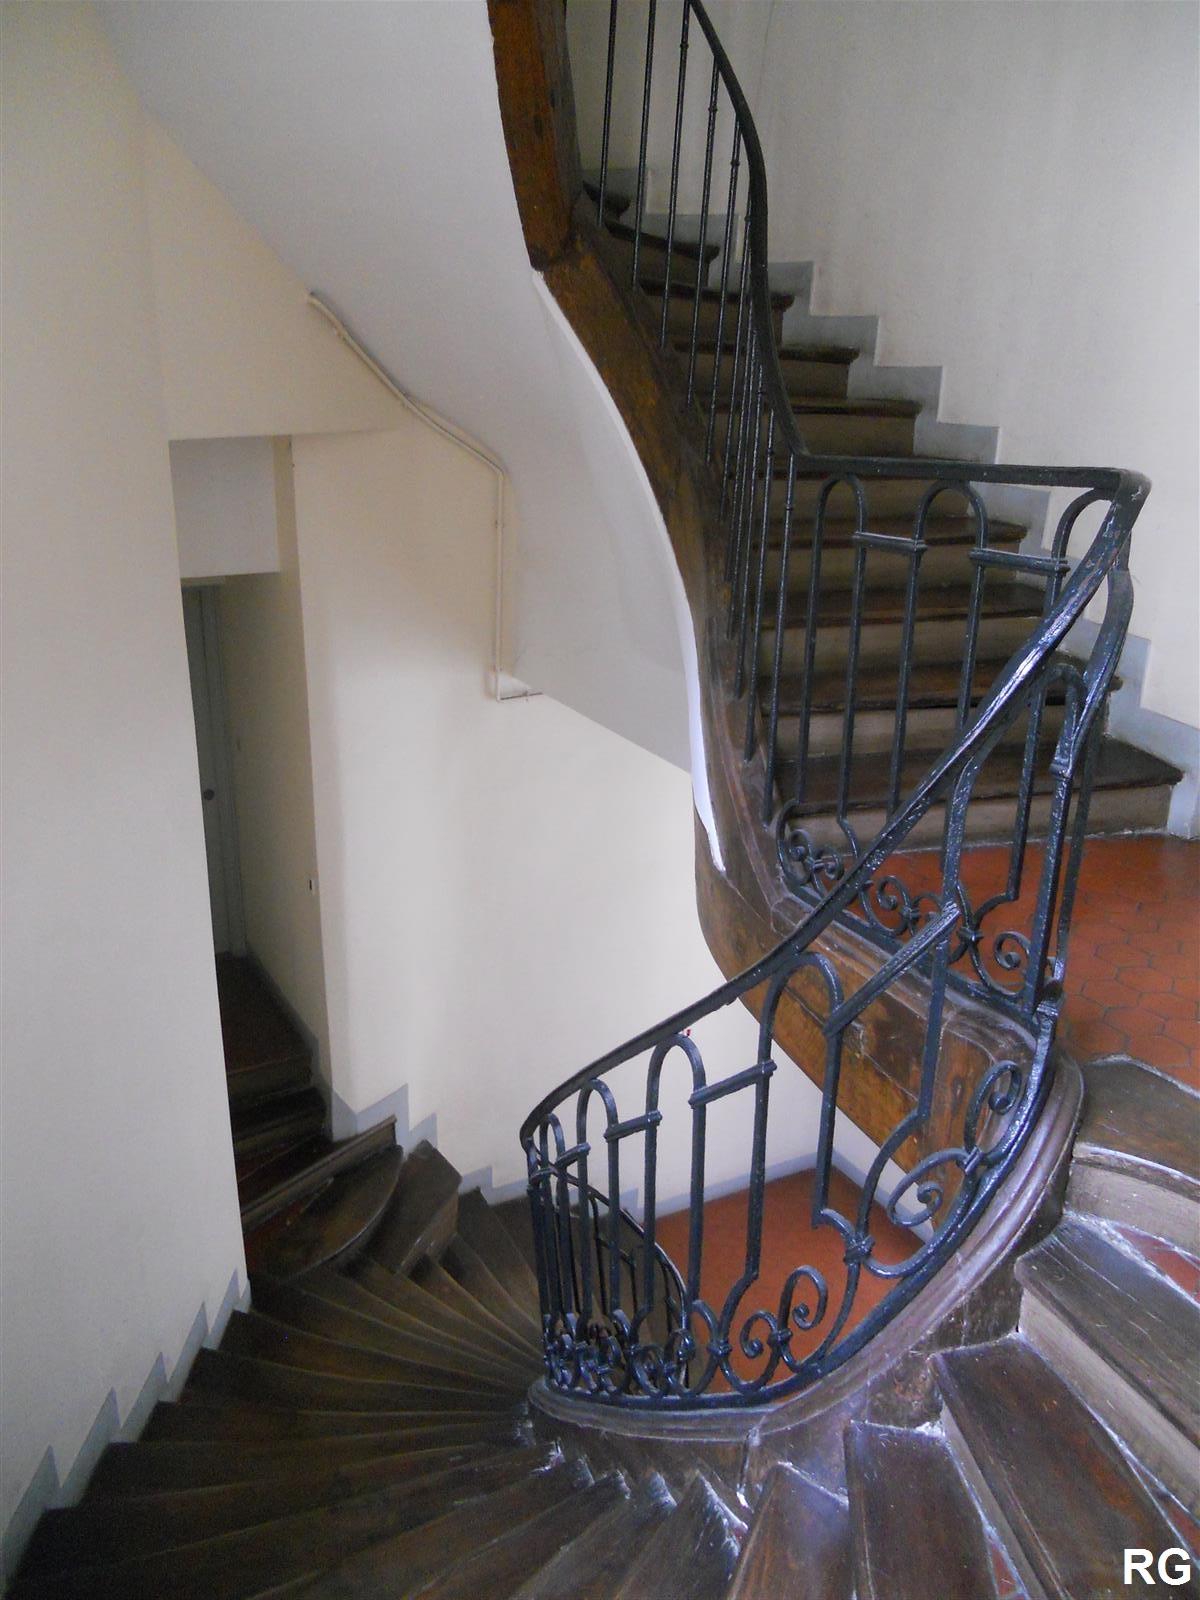 paris bise art escalier rue vieille du temple. Black Bedroom Furniture Sets. Home Design Ideas